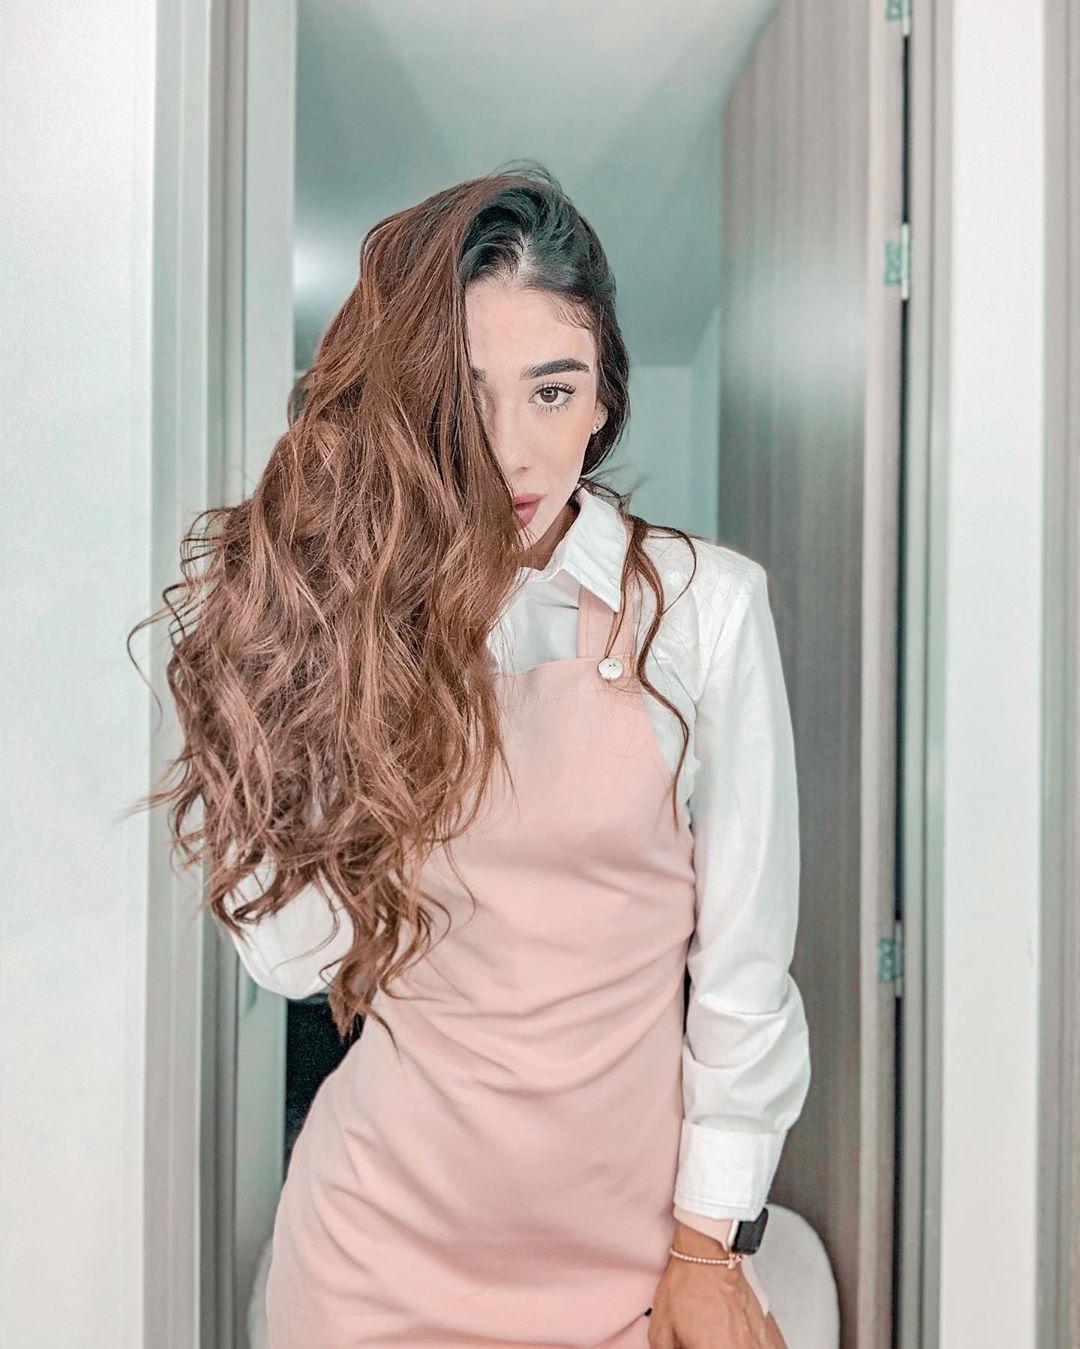 Juliana-Gomez-Wallpapers-Insta-Biography-4